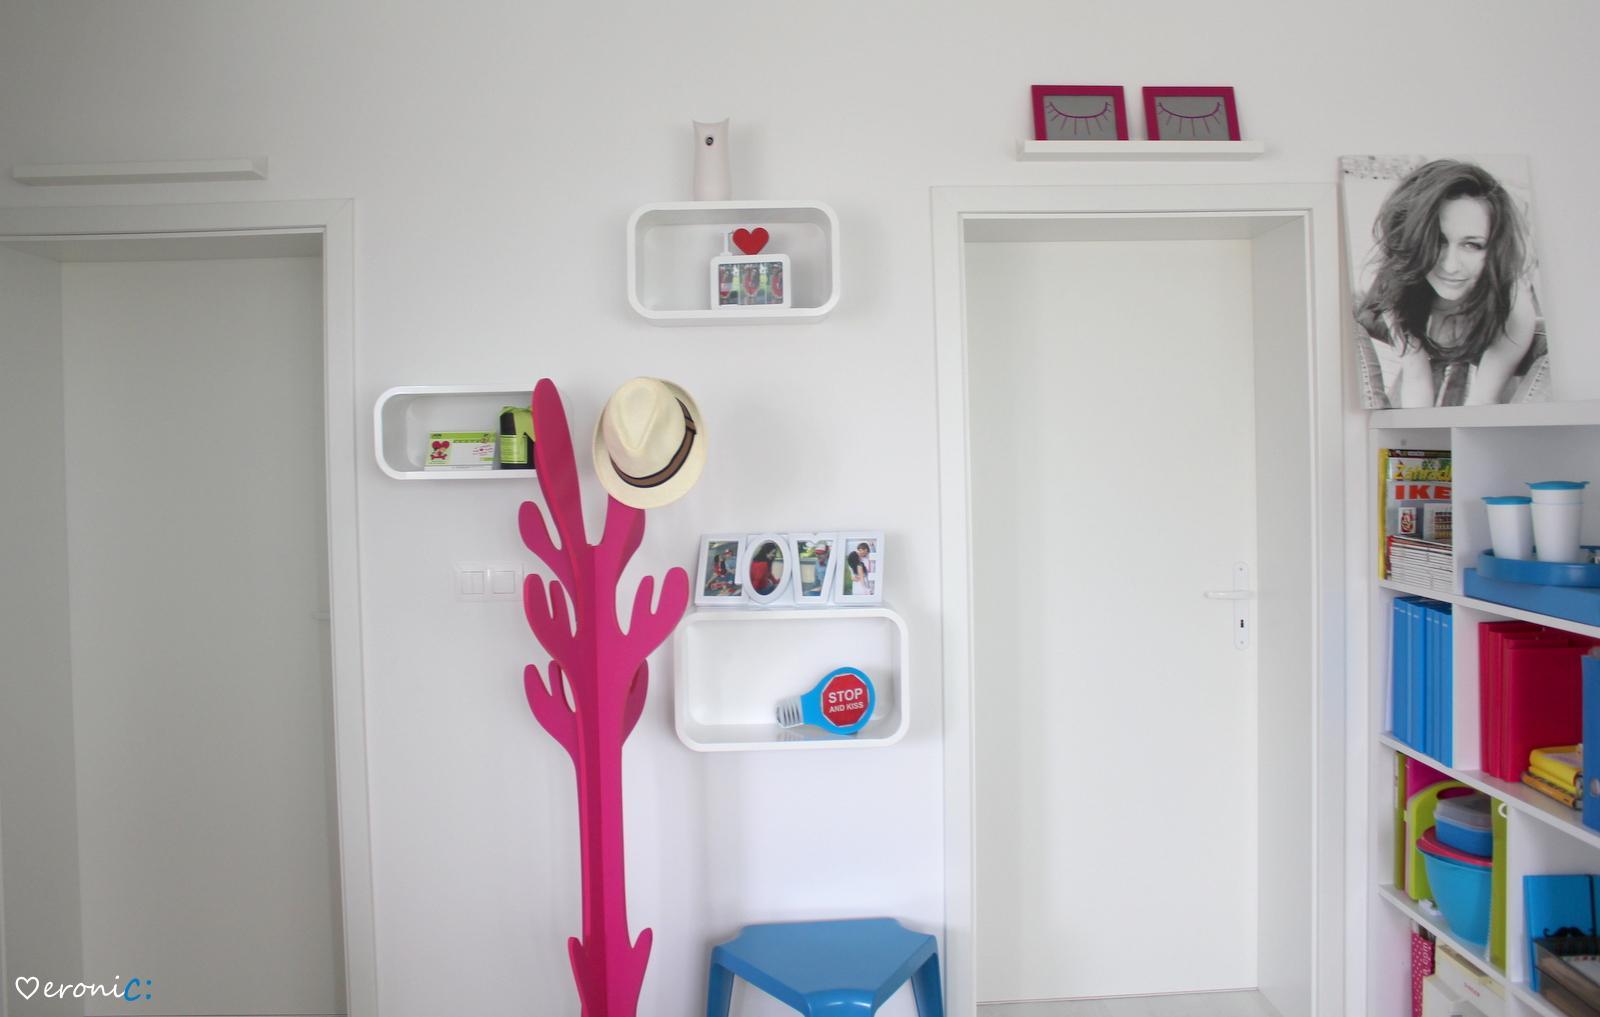 D☼m@ - označenie miestností - zatiaľ iba spálňa